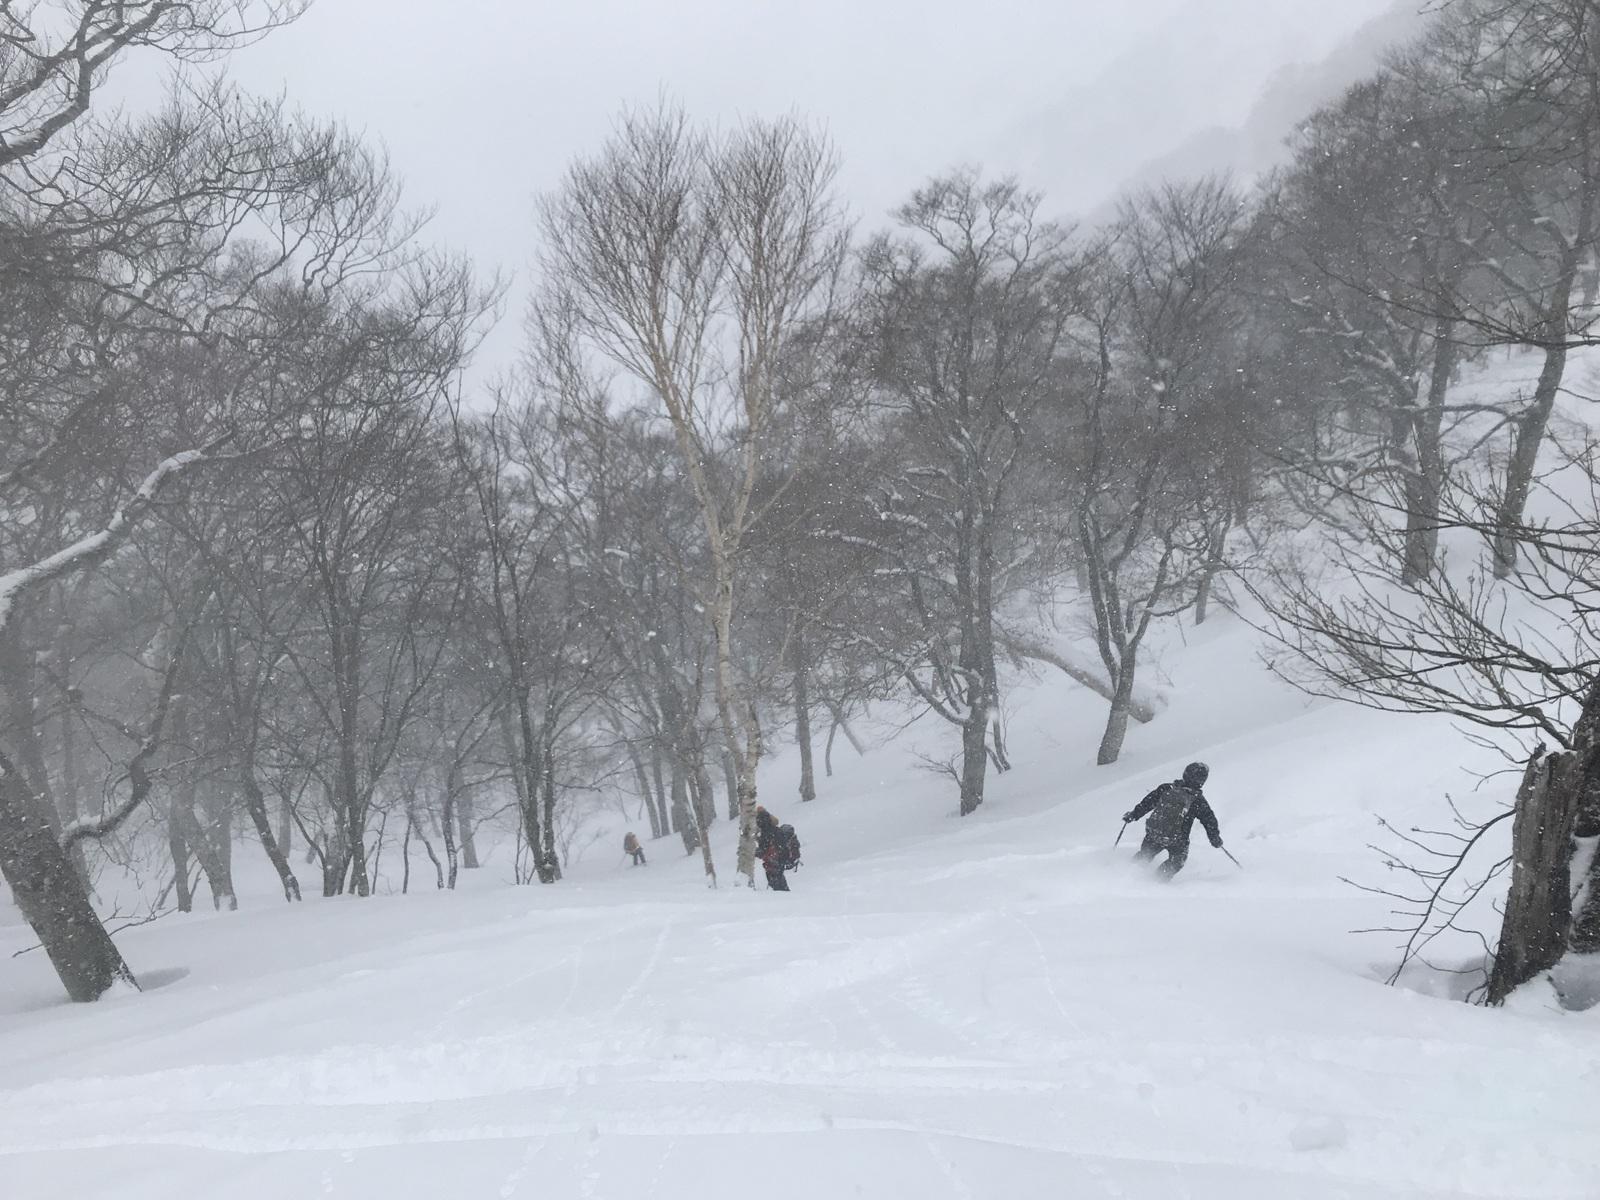 12:50 1540m付近、やや重めの新雪